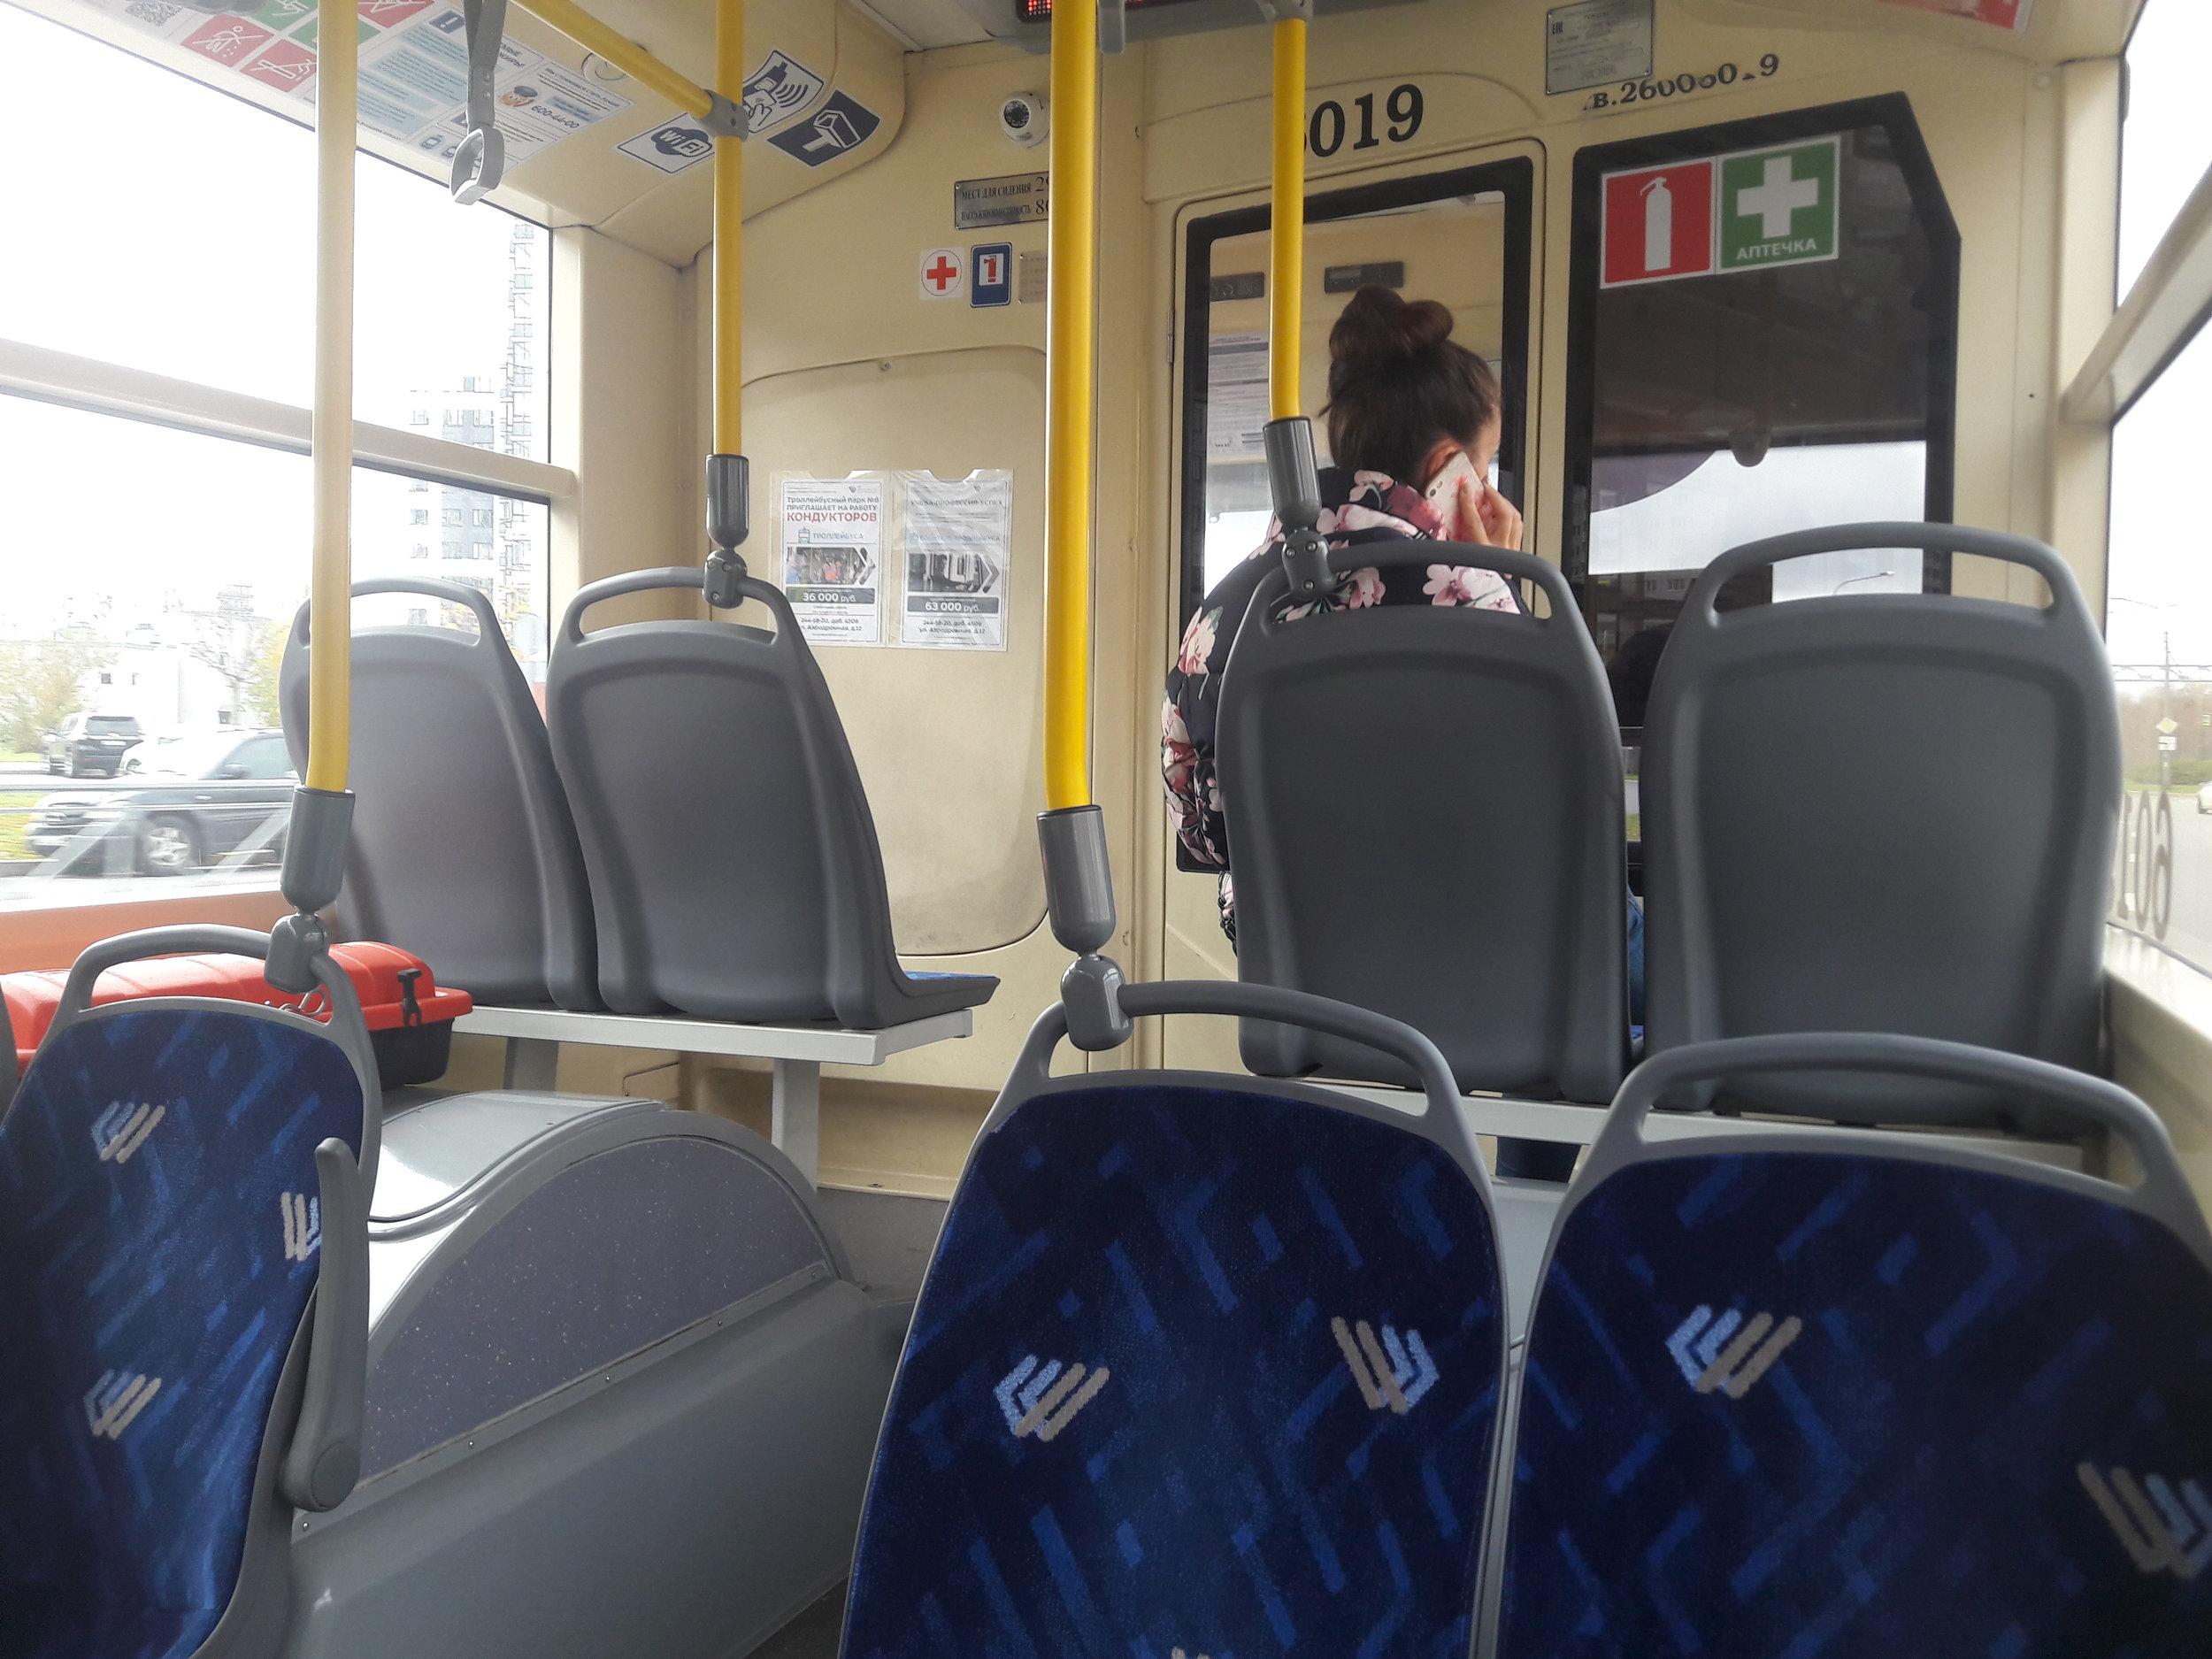 Nové parciální trolejbusy od Trolzy jsou dvou typů, a sice 5206.02 (10 ks) a 5206.08 (80 ks). Tento vůz (ev. č. 6019) z druhého typu má jednu speciálnost, dvě křesla v kabině, která má vstupní dvoukřídlé dveře jen pro sebe. Vůz totiž slouží nejen k provozu, ale i zaškolování.